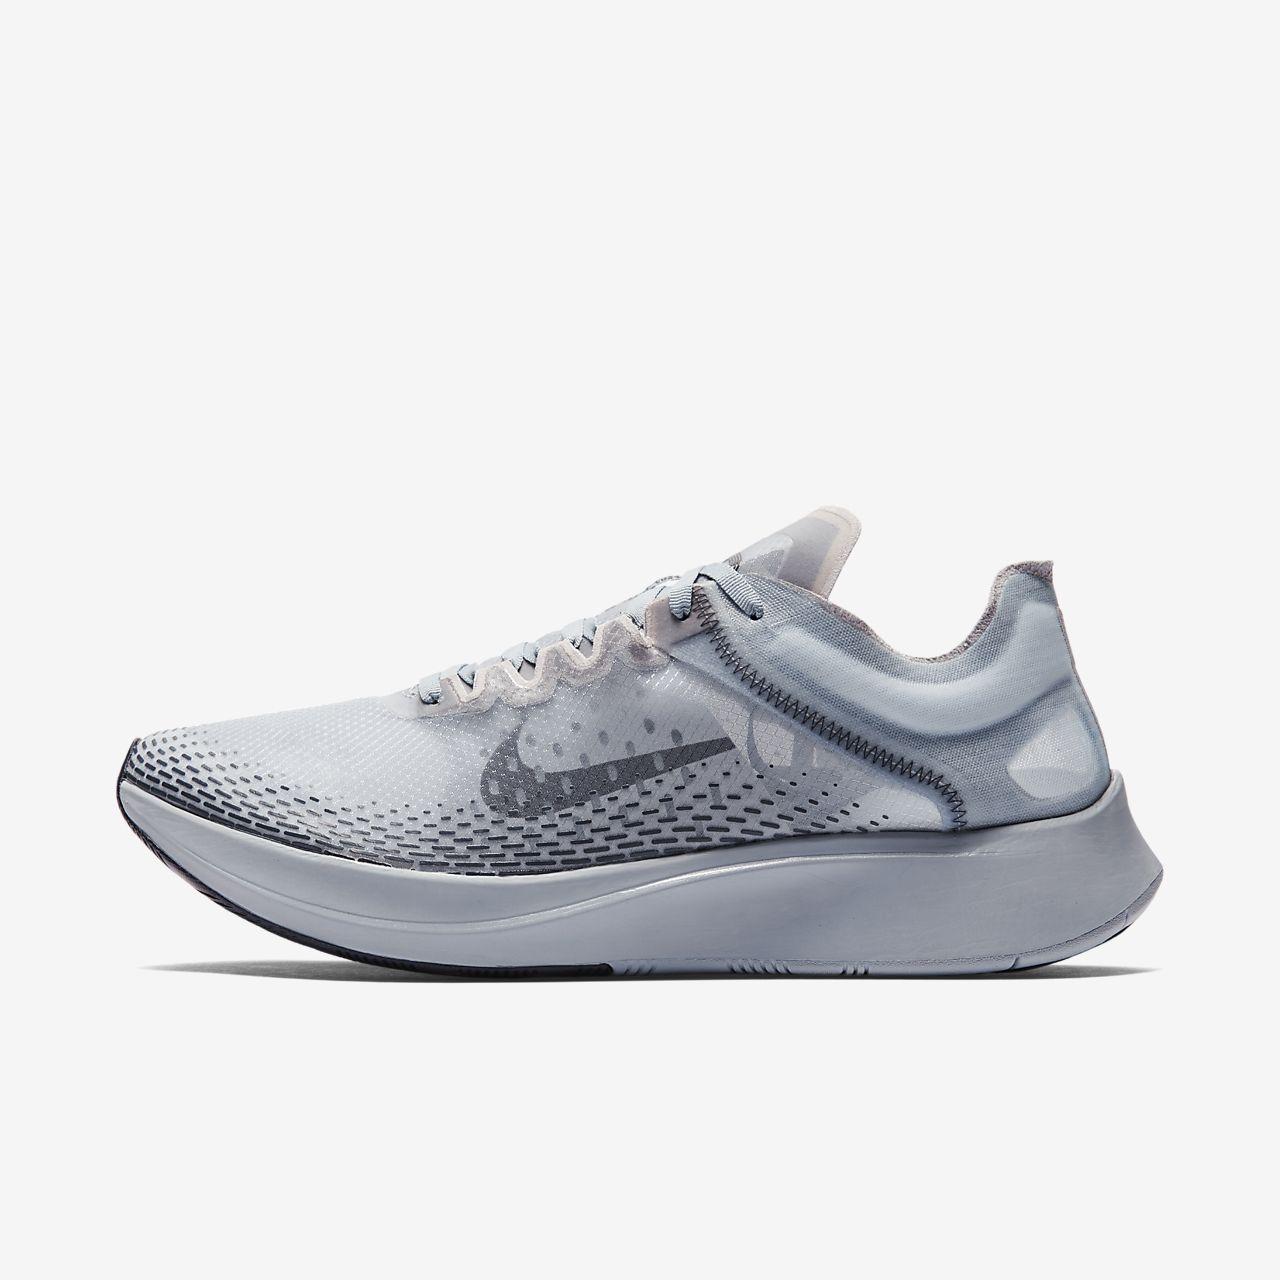 Nike Zoom Fly SP Fast Hardloopschoen